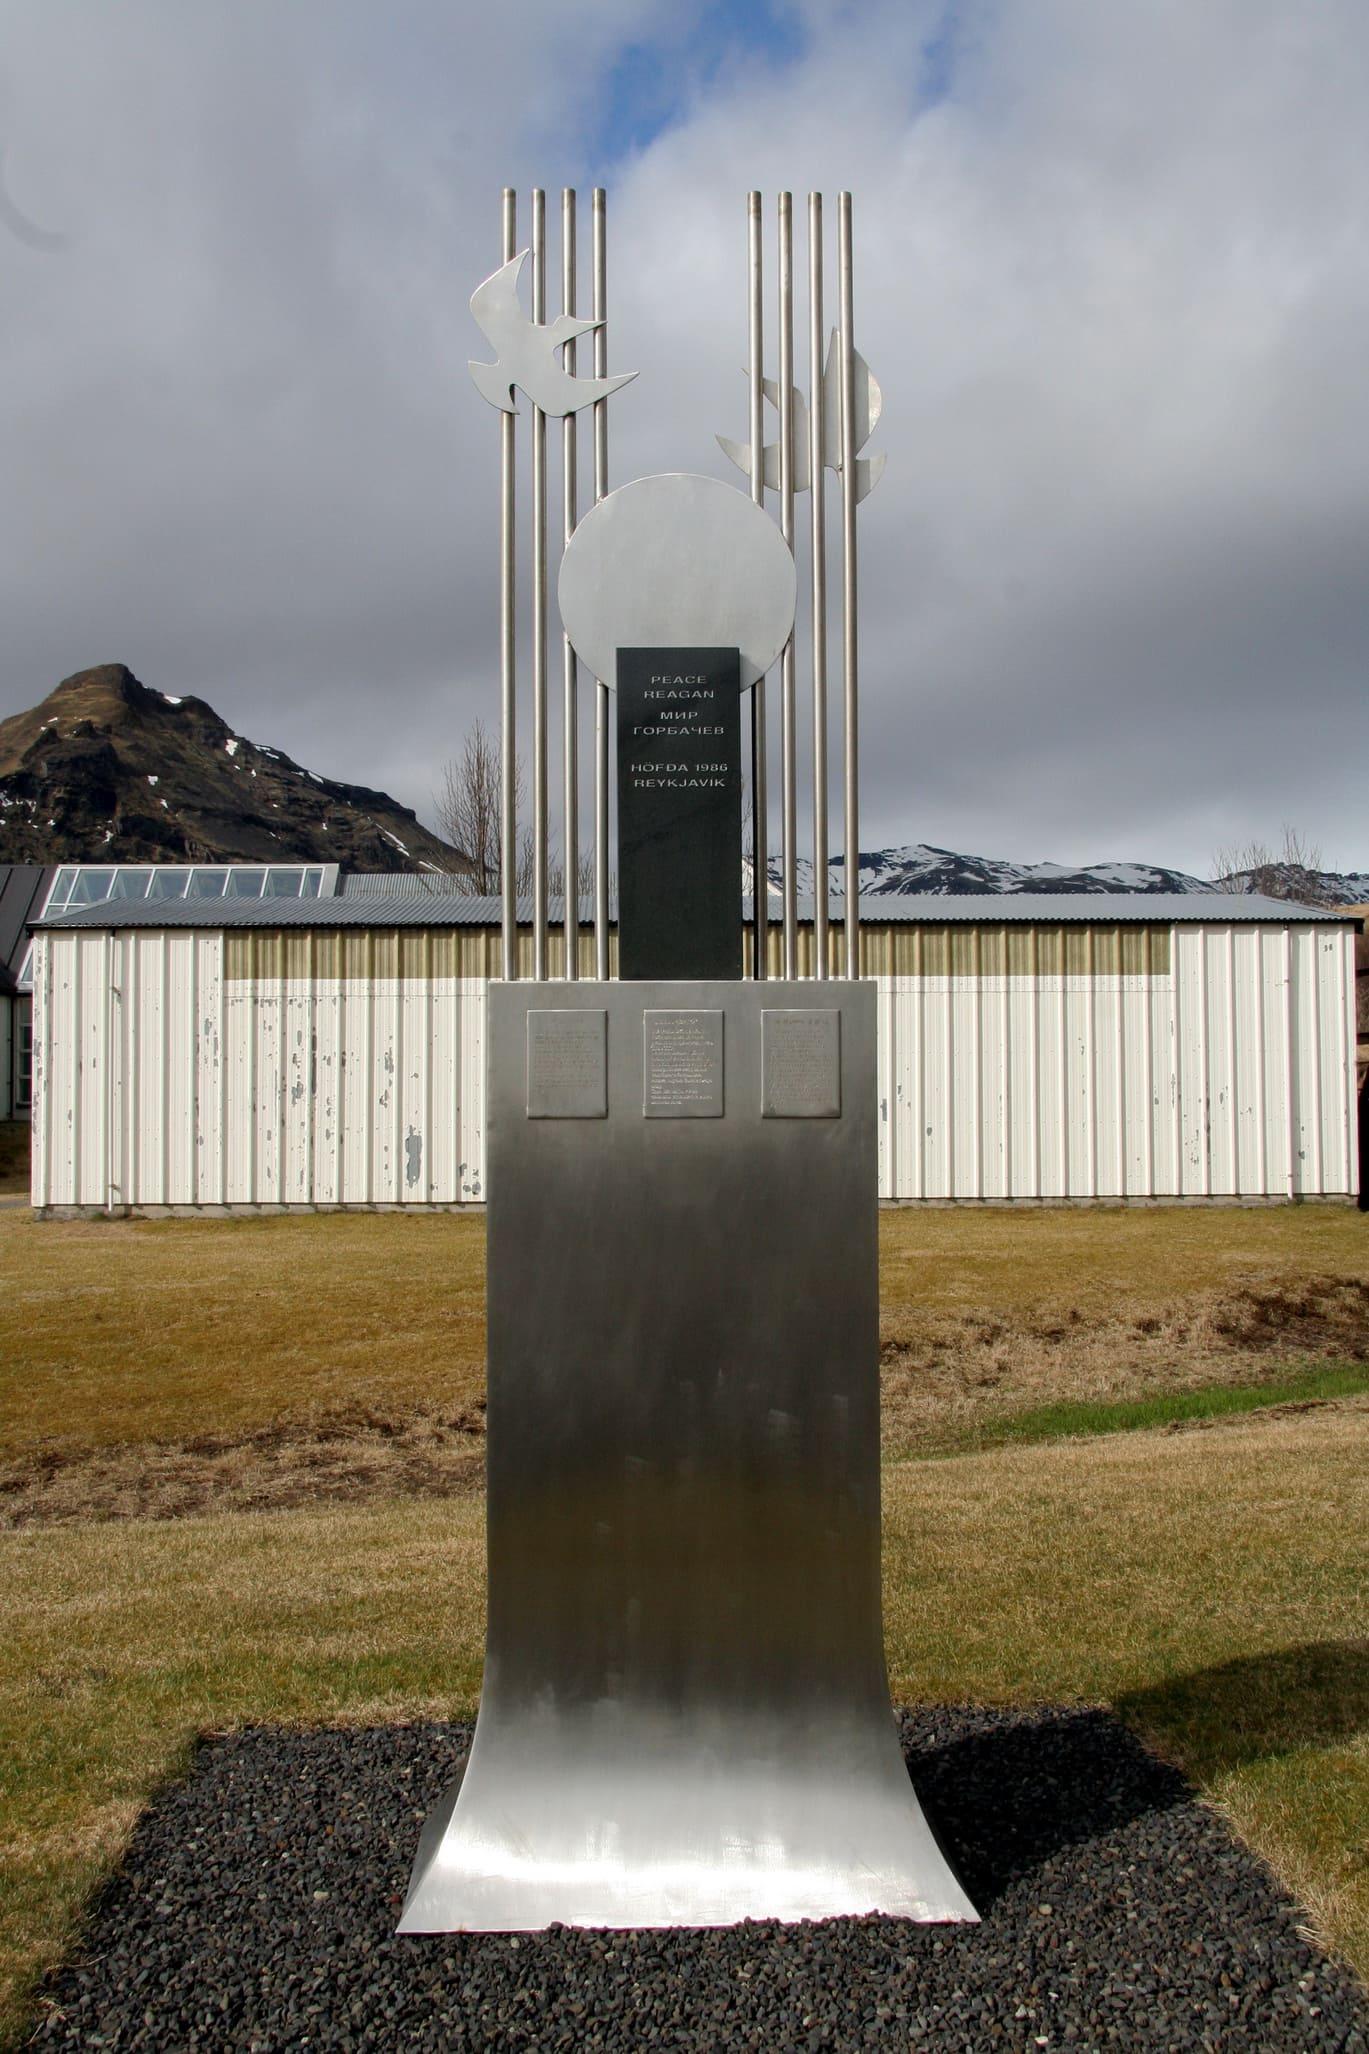 Памятник, посвященный встрече Горбачева и Рейгана